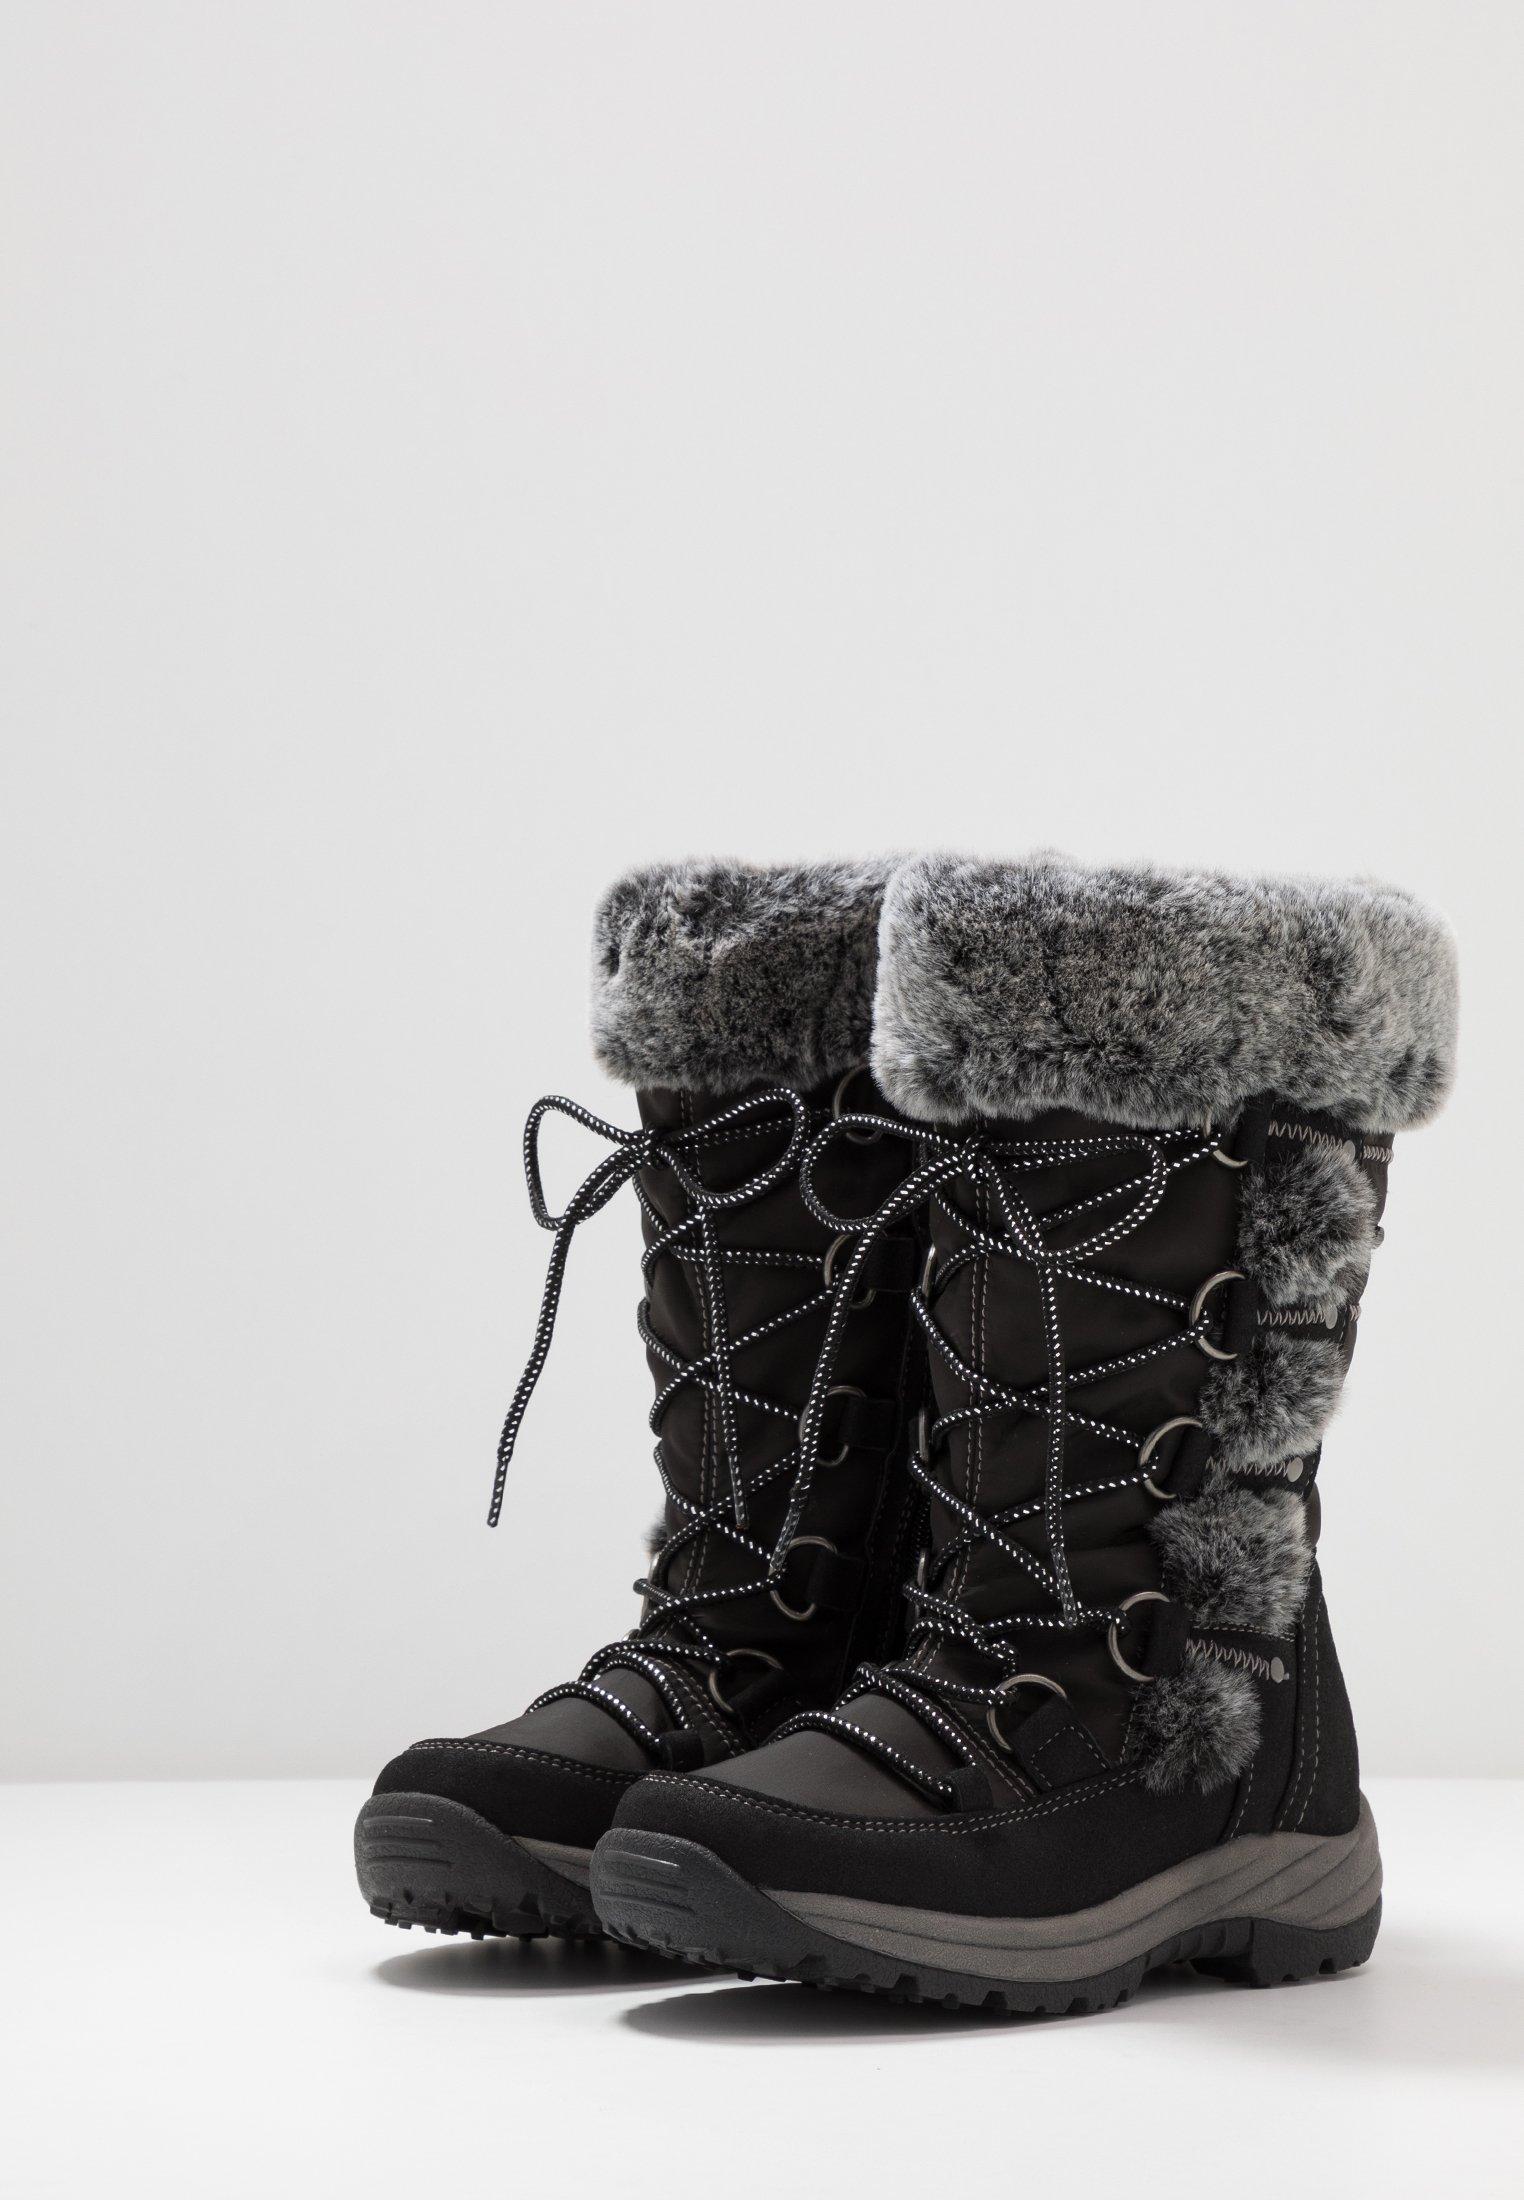 Friboo Vinterstövlar - black